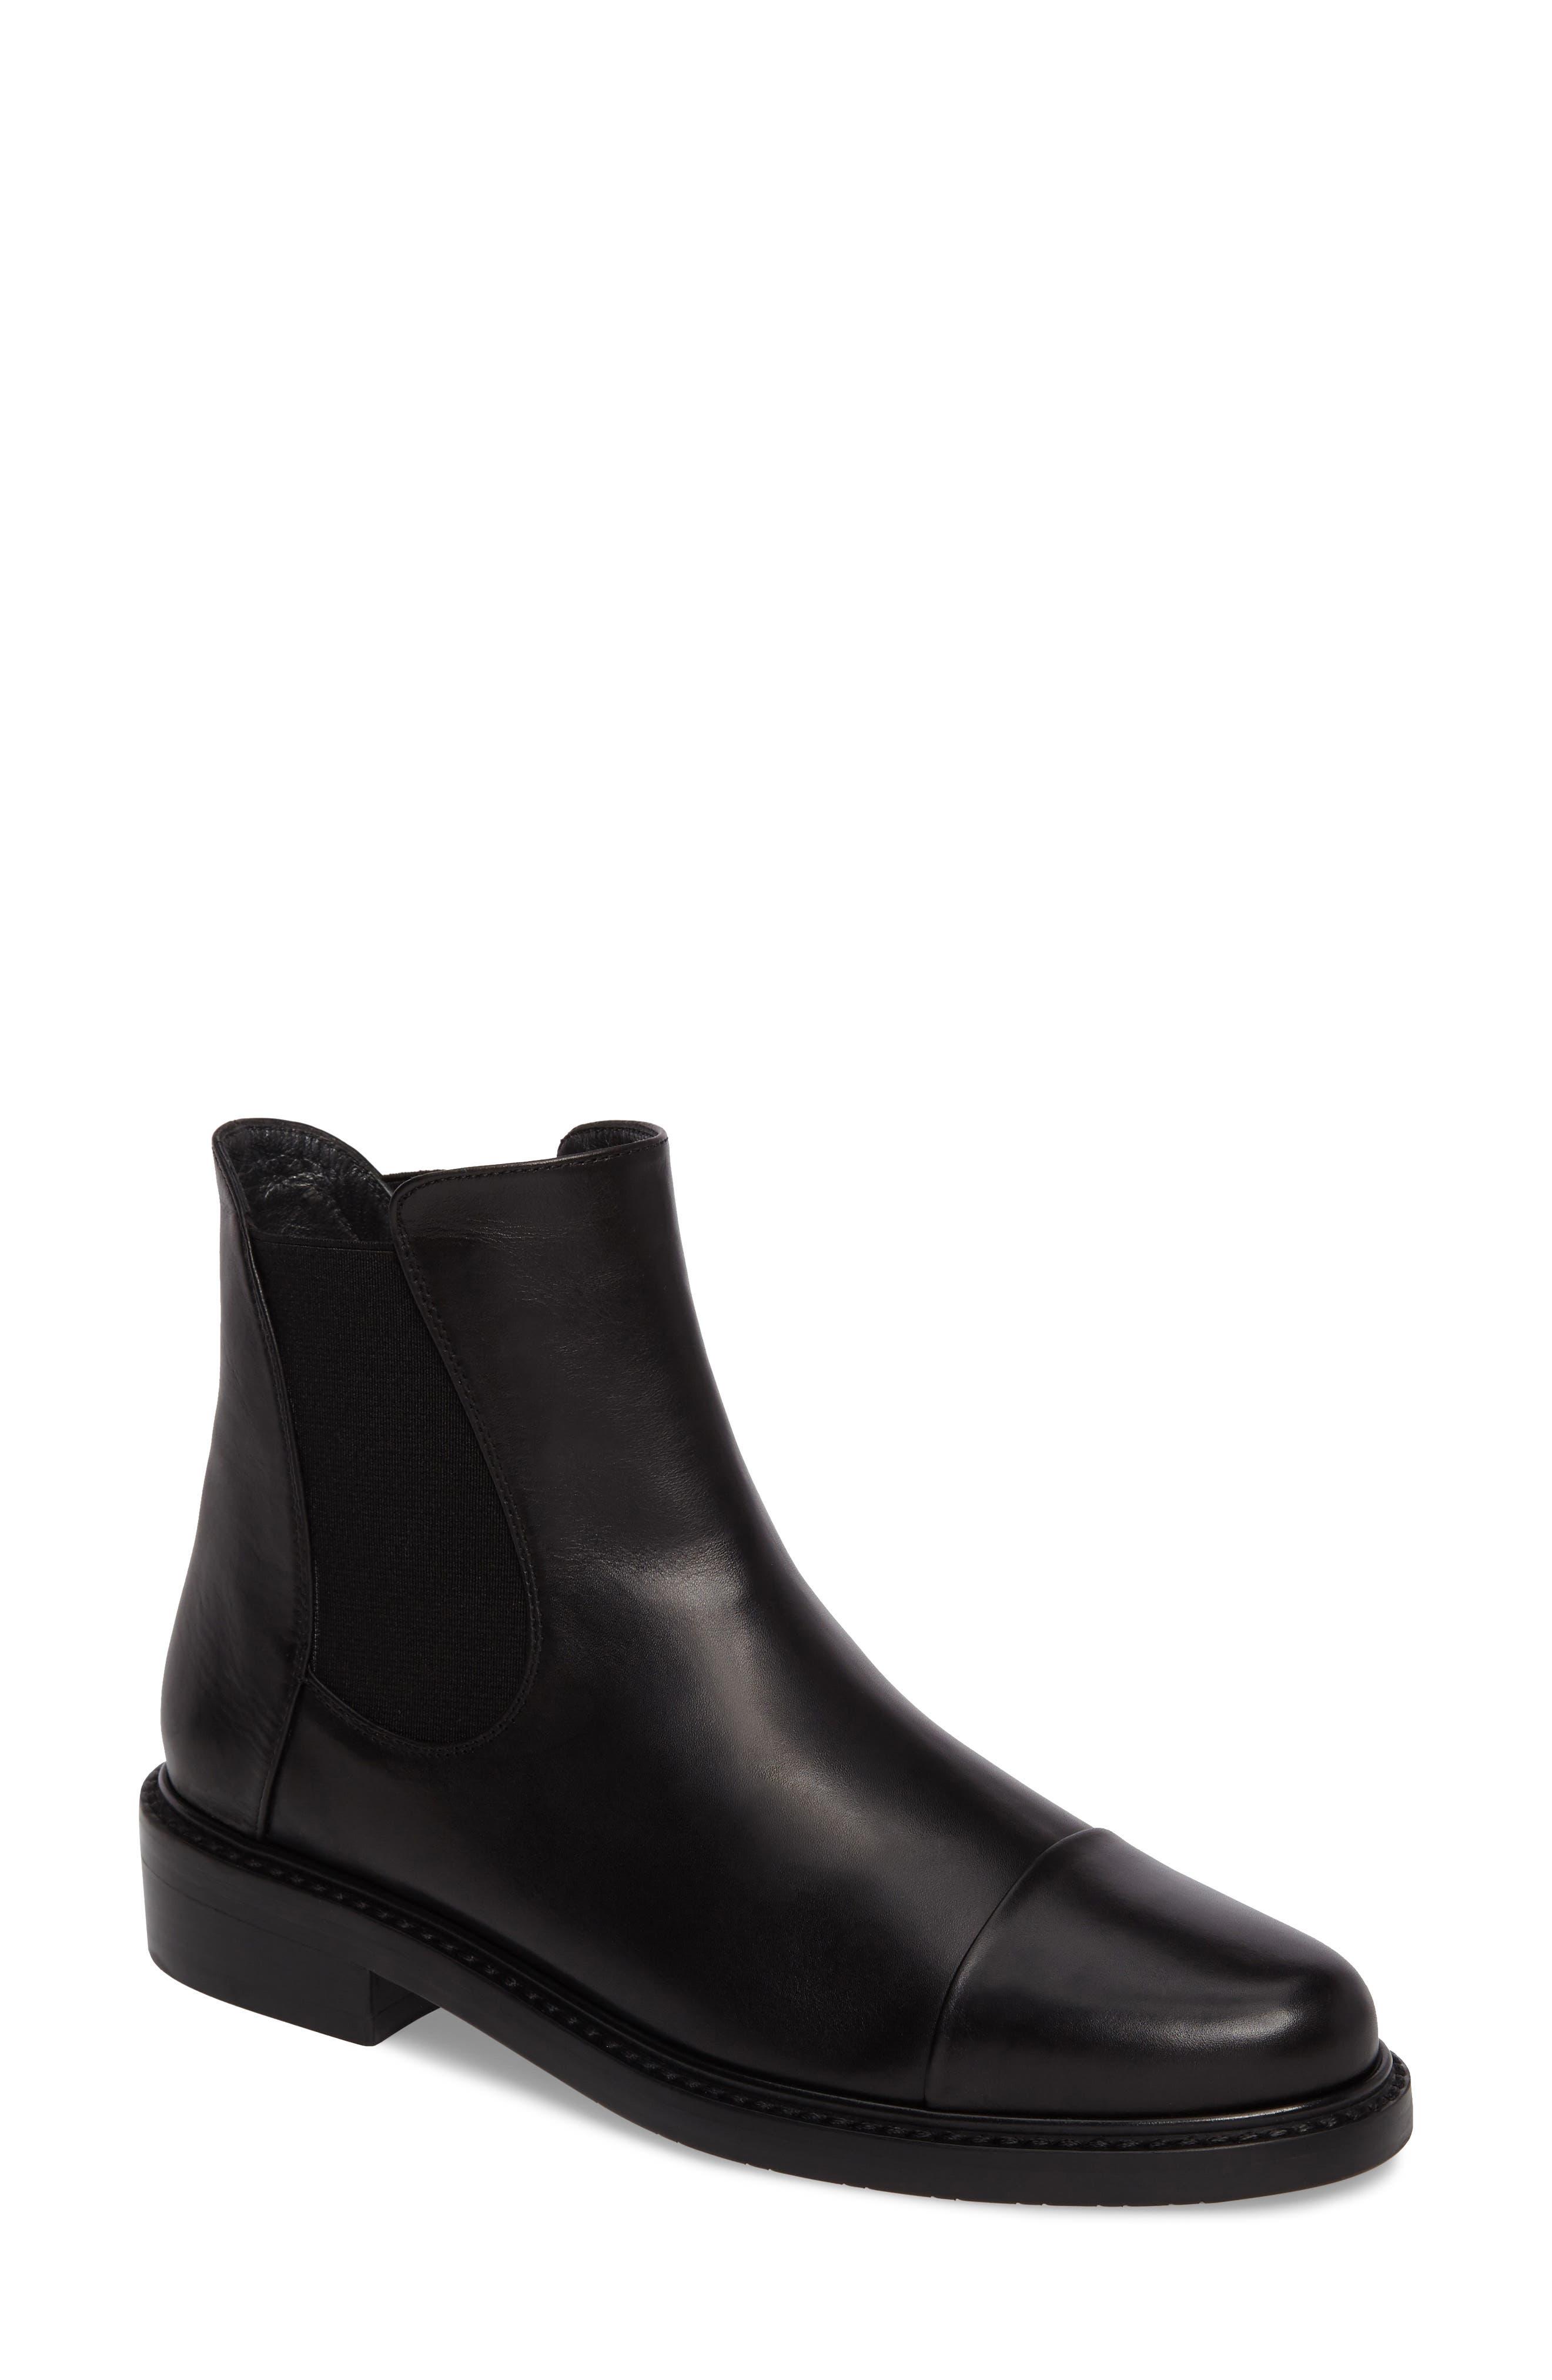 Gobi Cap Toe Chelsea Boot,                         Main,                         color, Black Calf